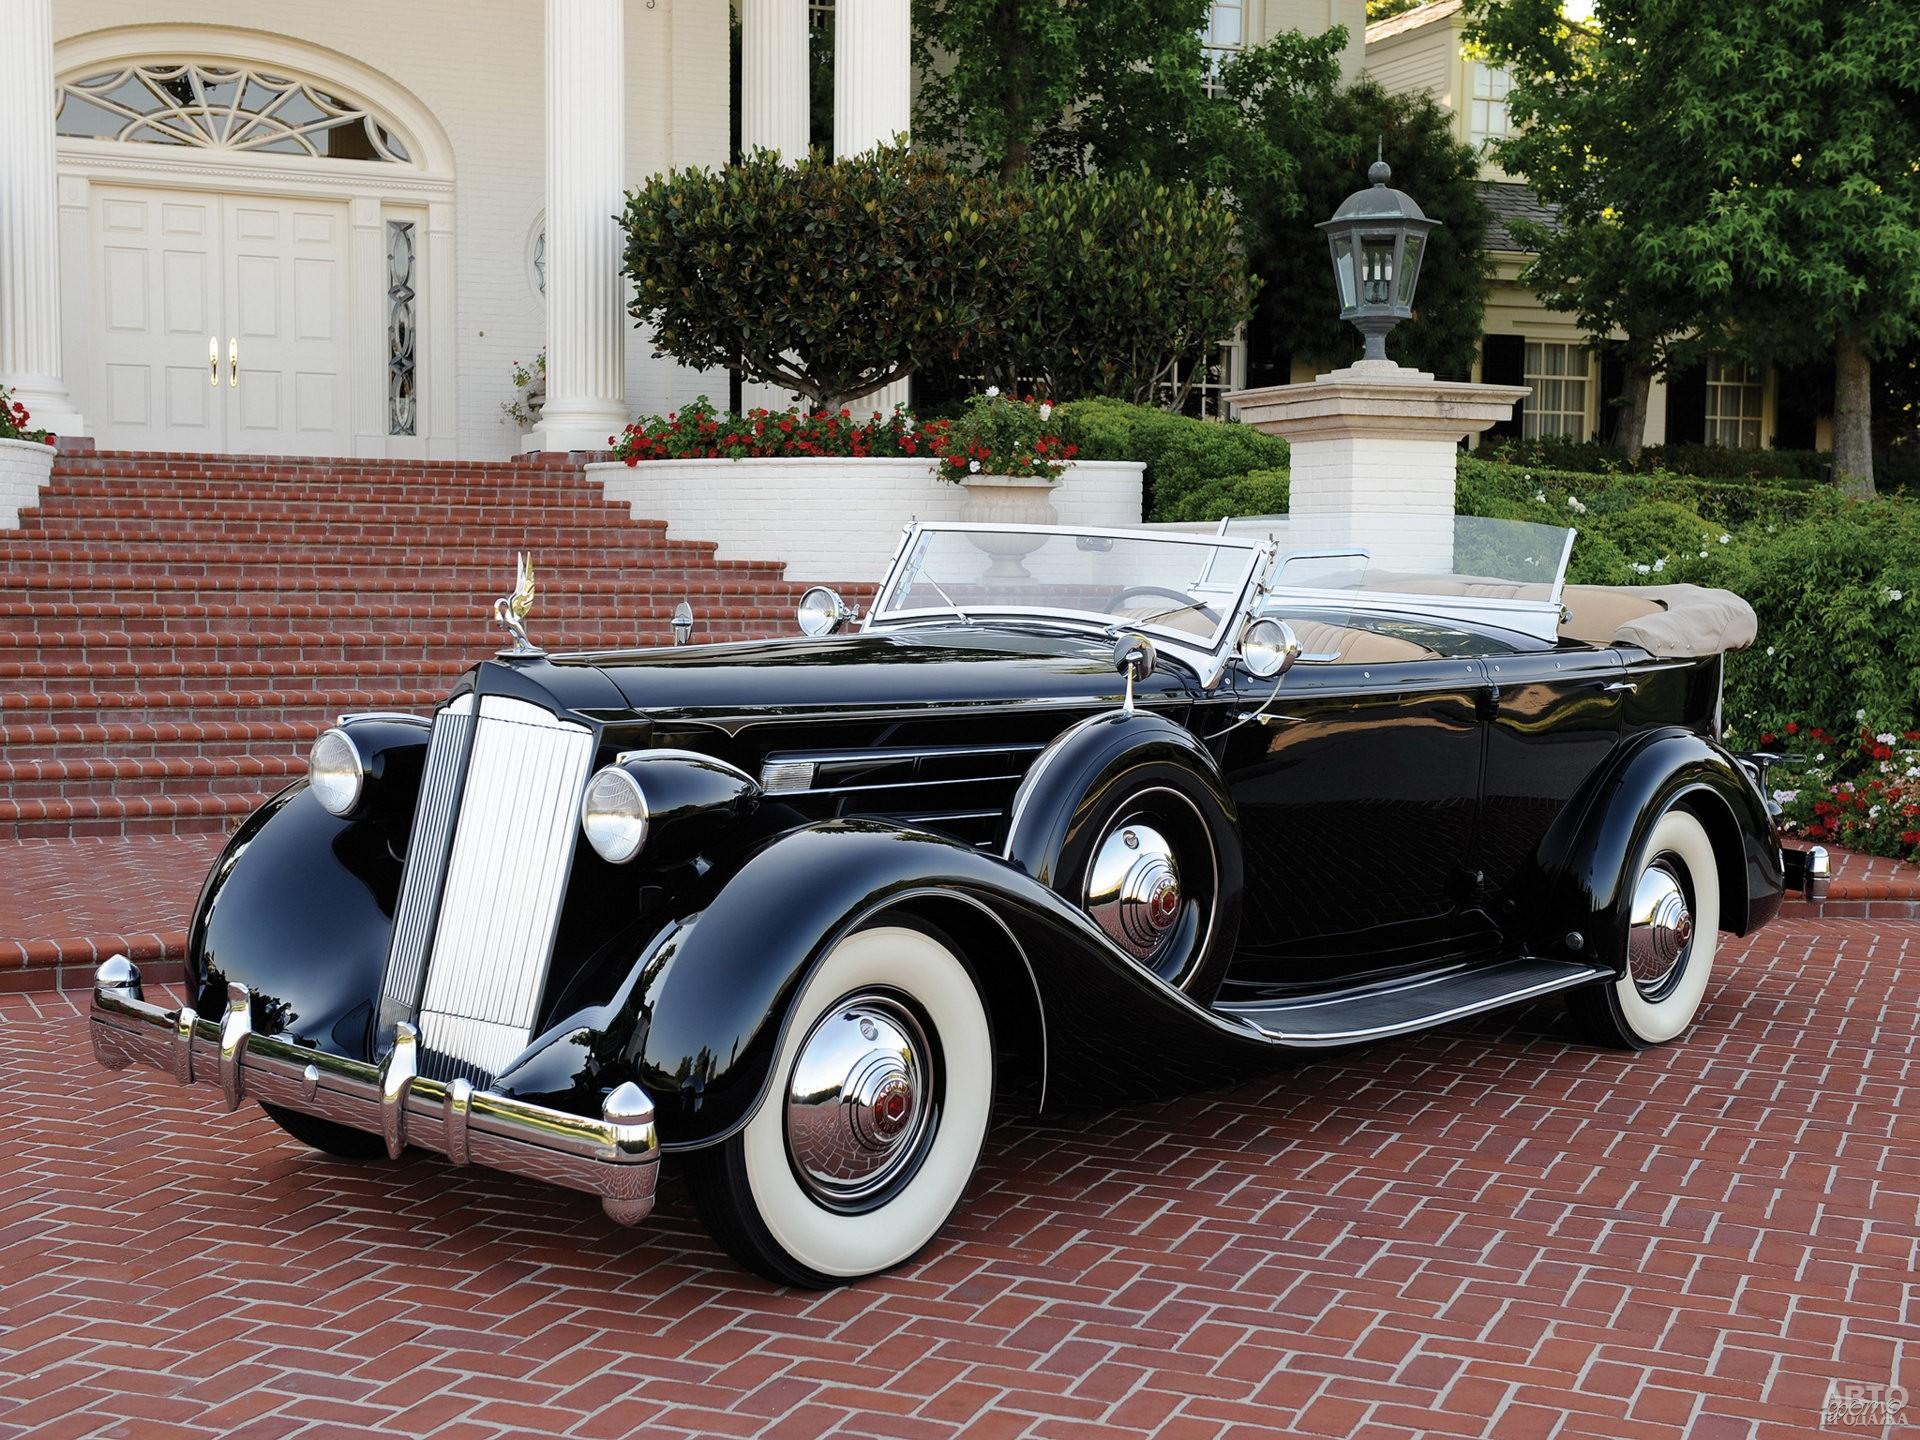 Фаэтон Packard Twelve в исполнении Dietrich, 1935 год